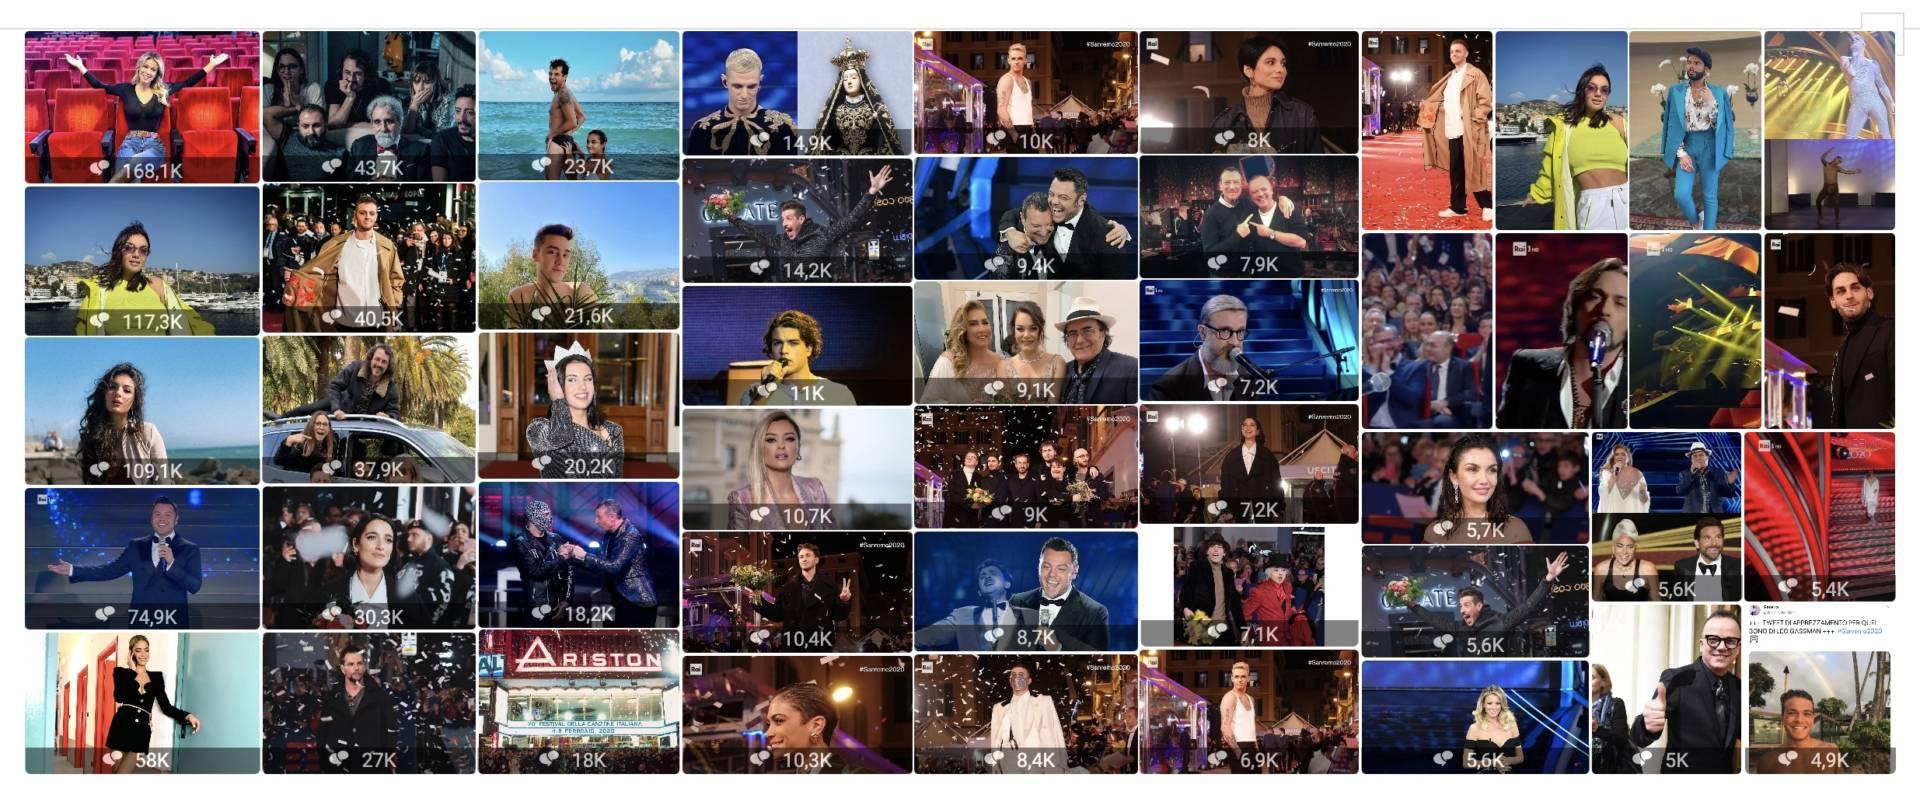 Sanremo 2020: i dati di ascolto sui social